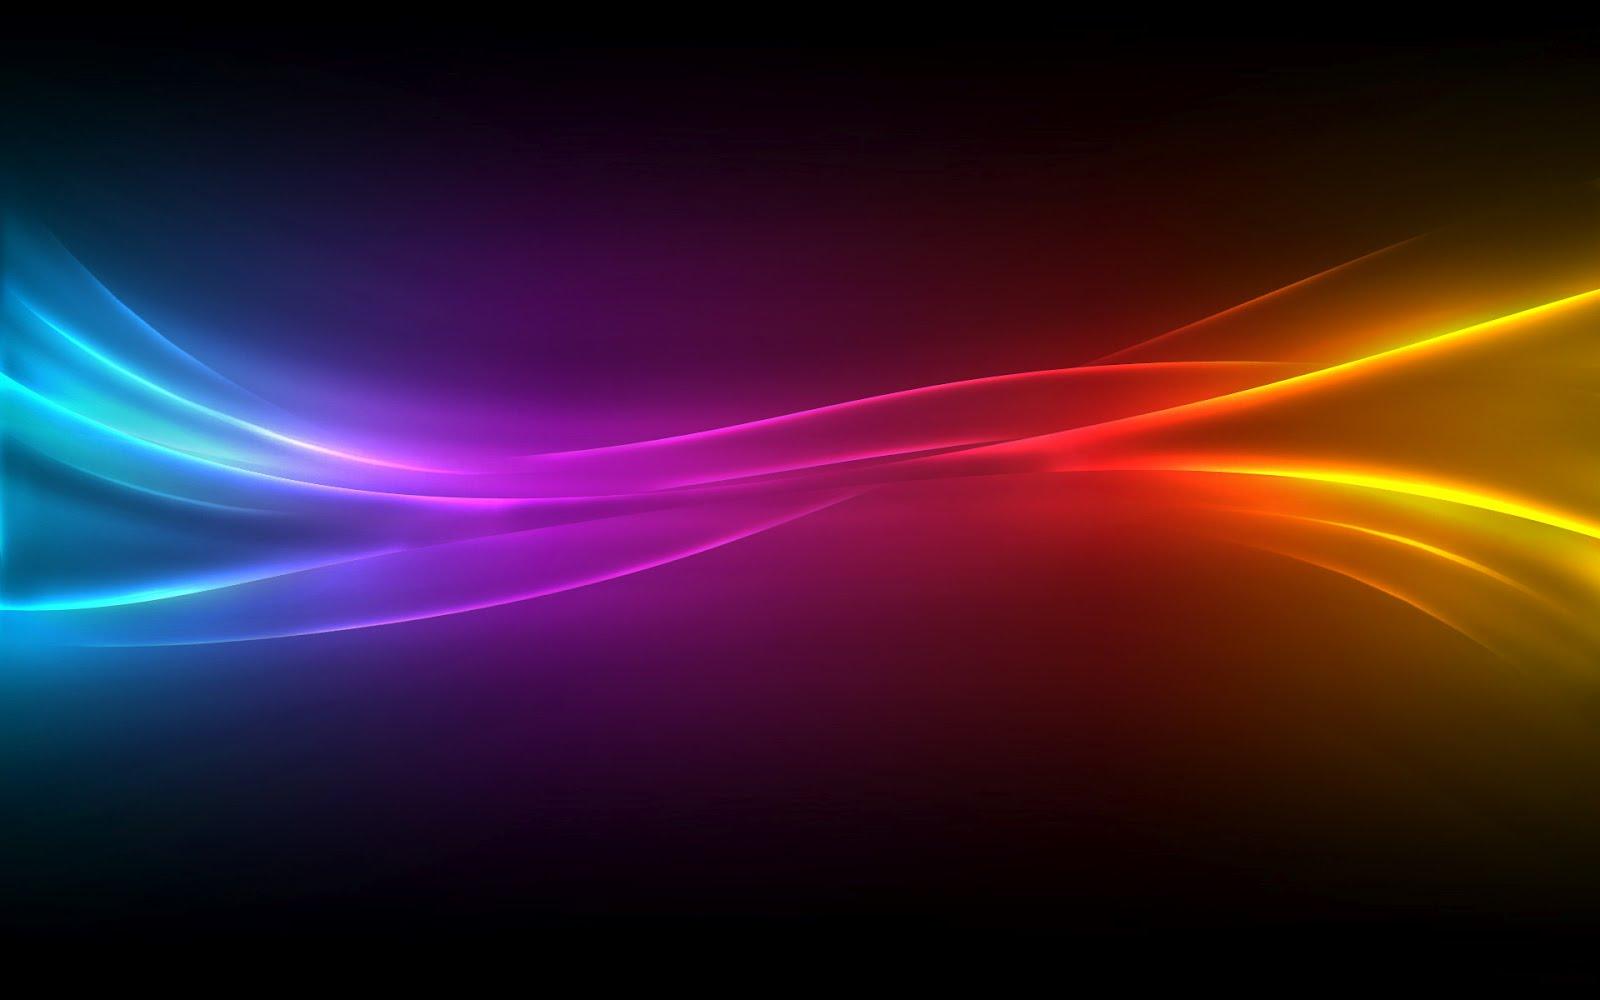 http://1.bp.blogspot.com/-LAn0tv963VQ/T9sa7qAeM_I/AAAAAAAAAG4/btka_VWqc18/s1600/wallpaper-745388.jpg